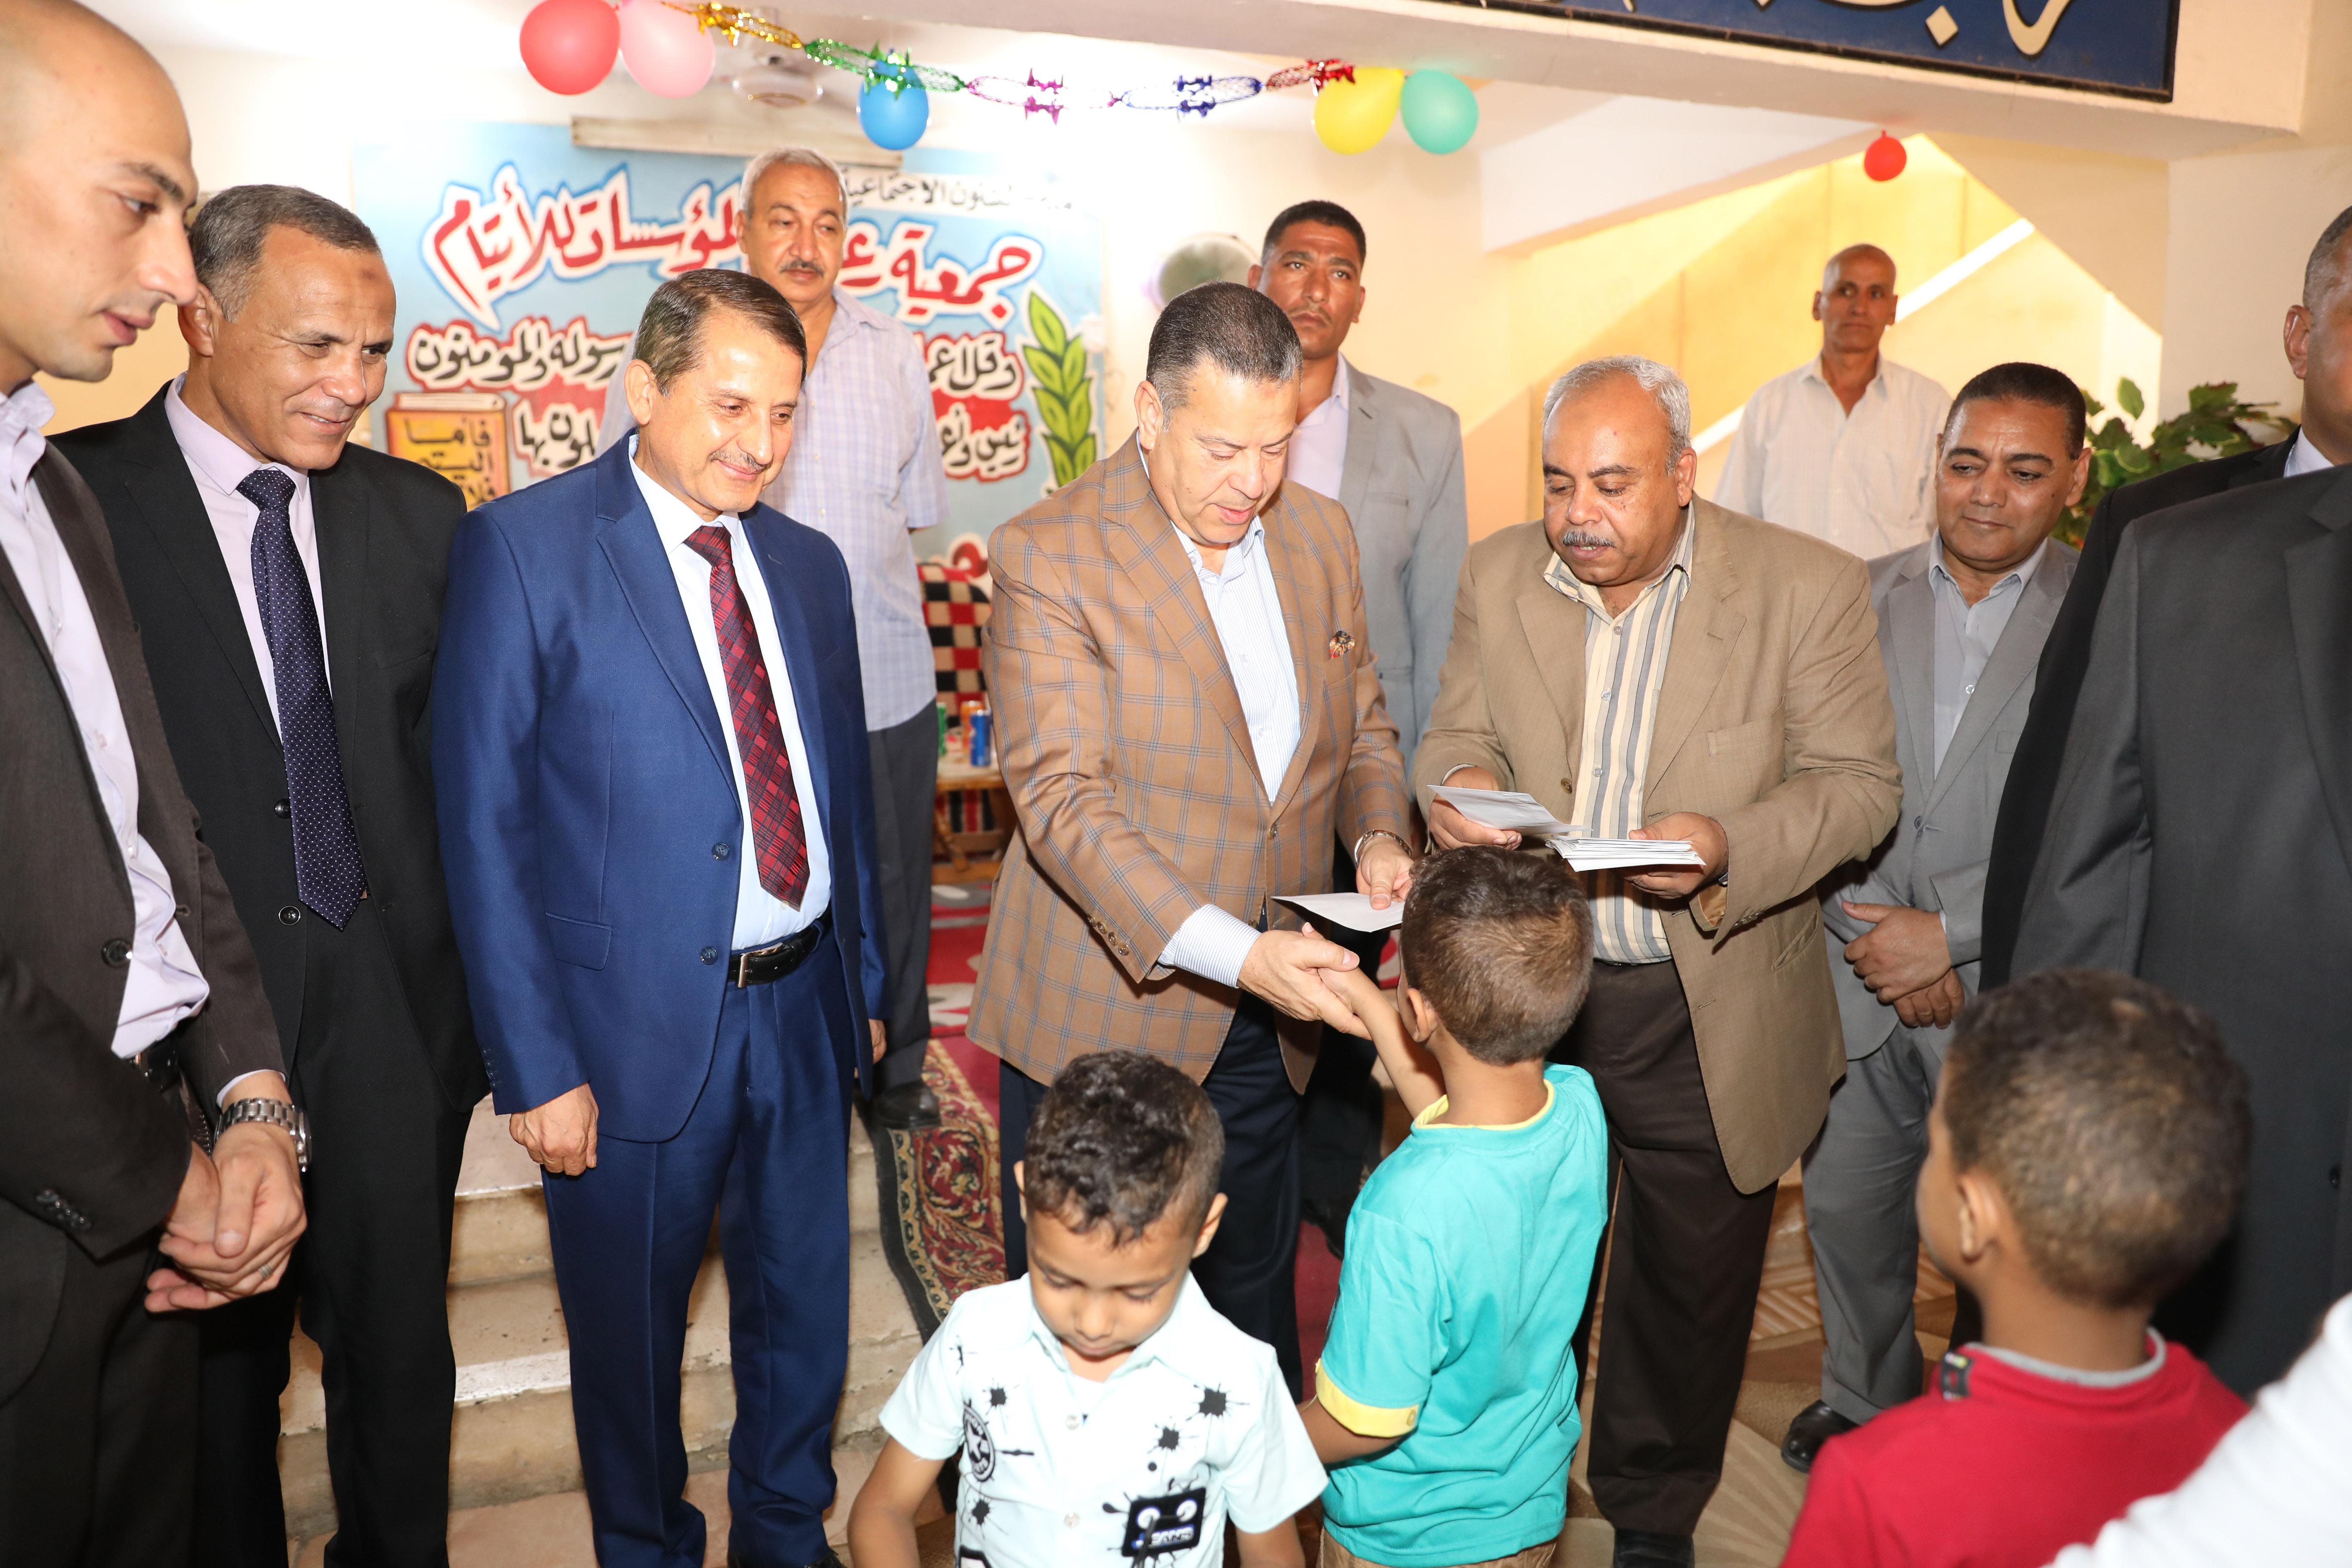 محافظ بنى سويف يقدم الهدايا للأطفال الأيتام ويزور المسنين فى عيد الأضحى (6)